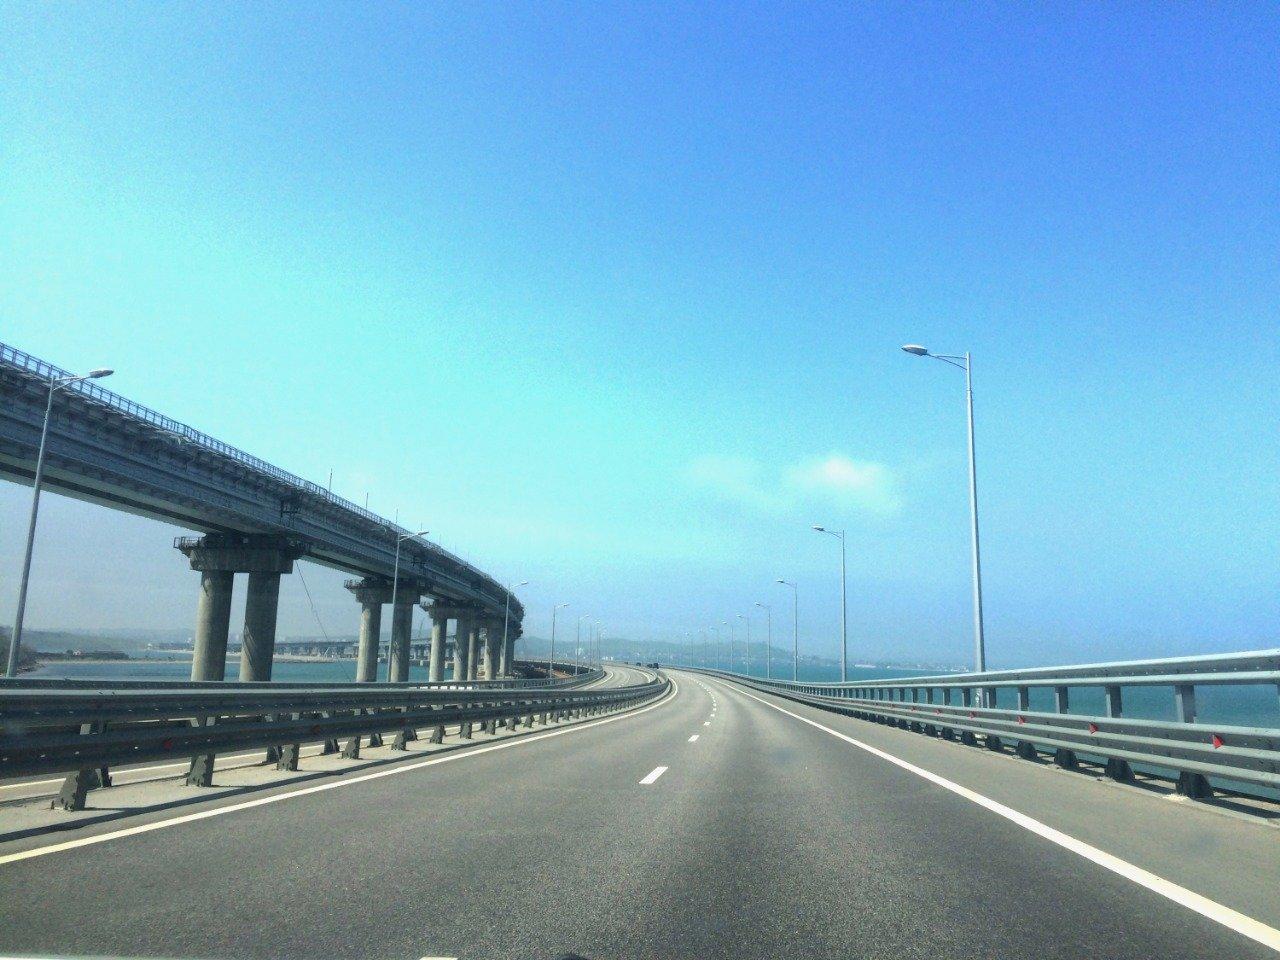 По Крыму с ветерком: впечатления от новой автомобильной трассы Таврида. Стоило оно того?